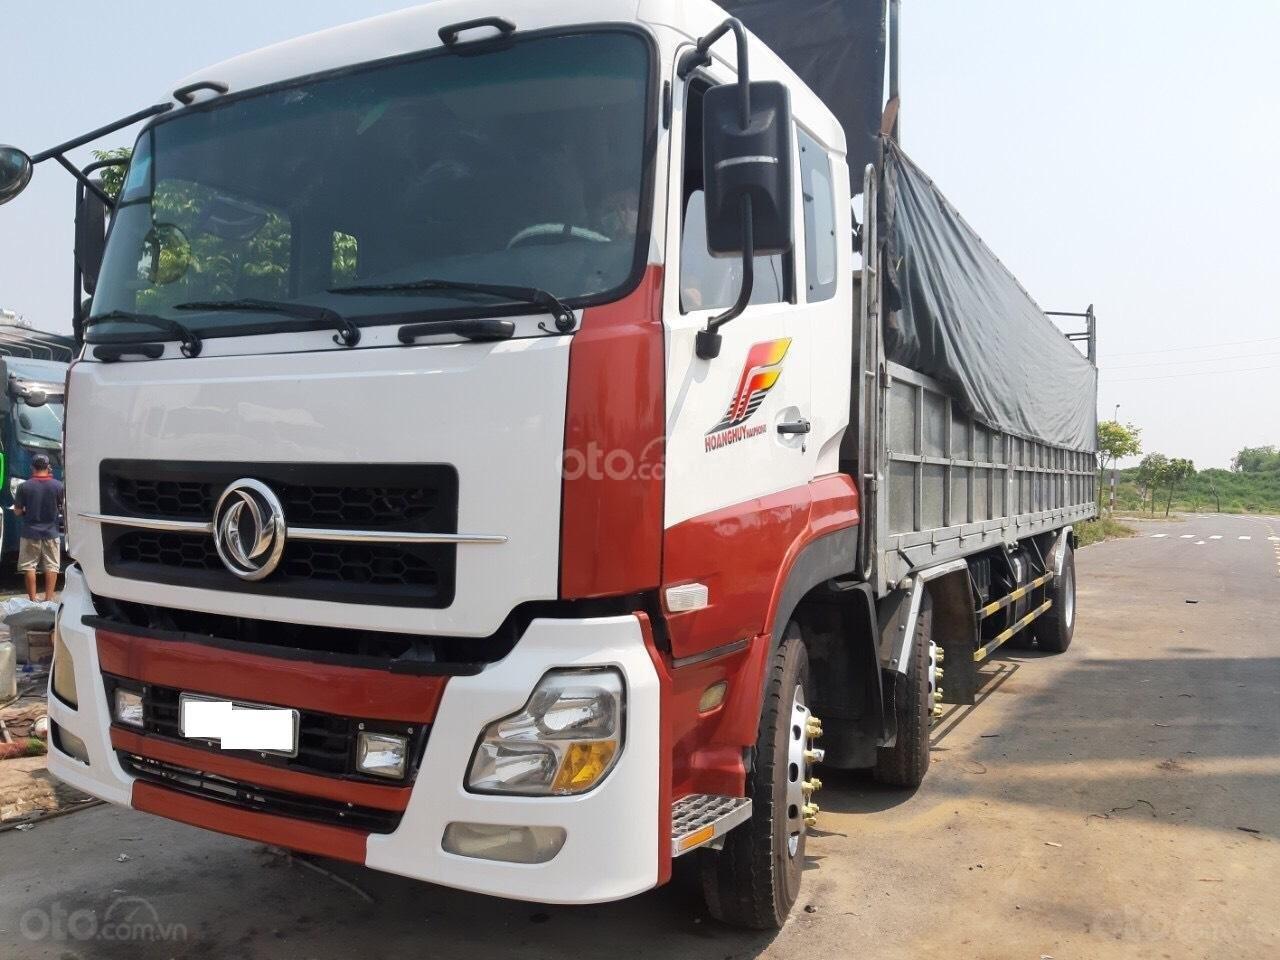 Cần bán xe tải Hoàng Huy 2 dí thùng dài, tải cao, lốp mới cả giàn (4)